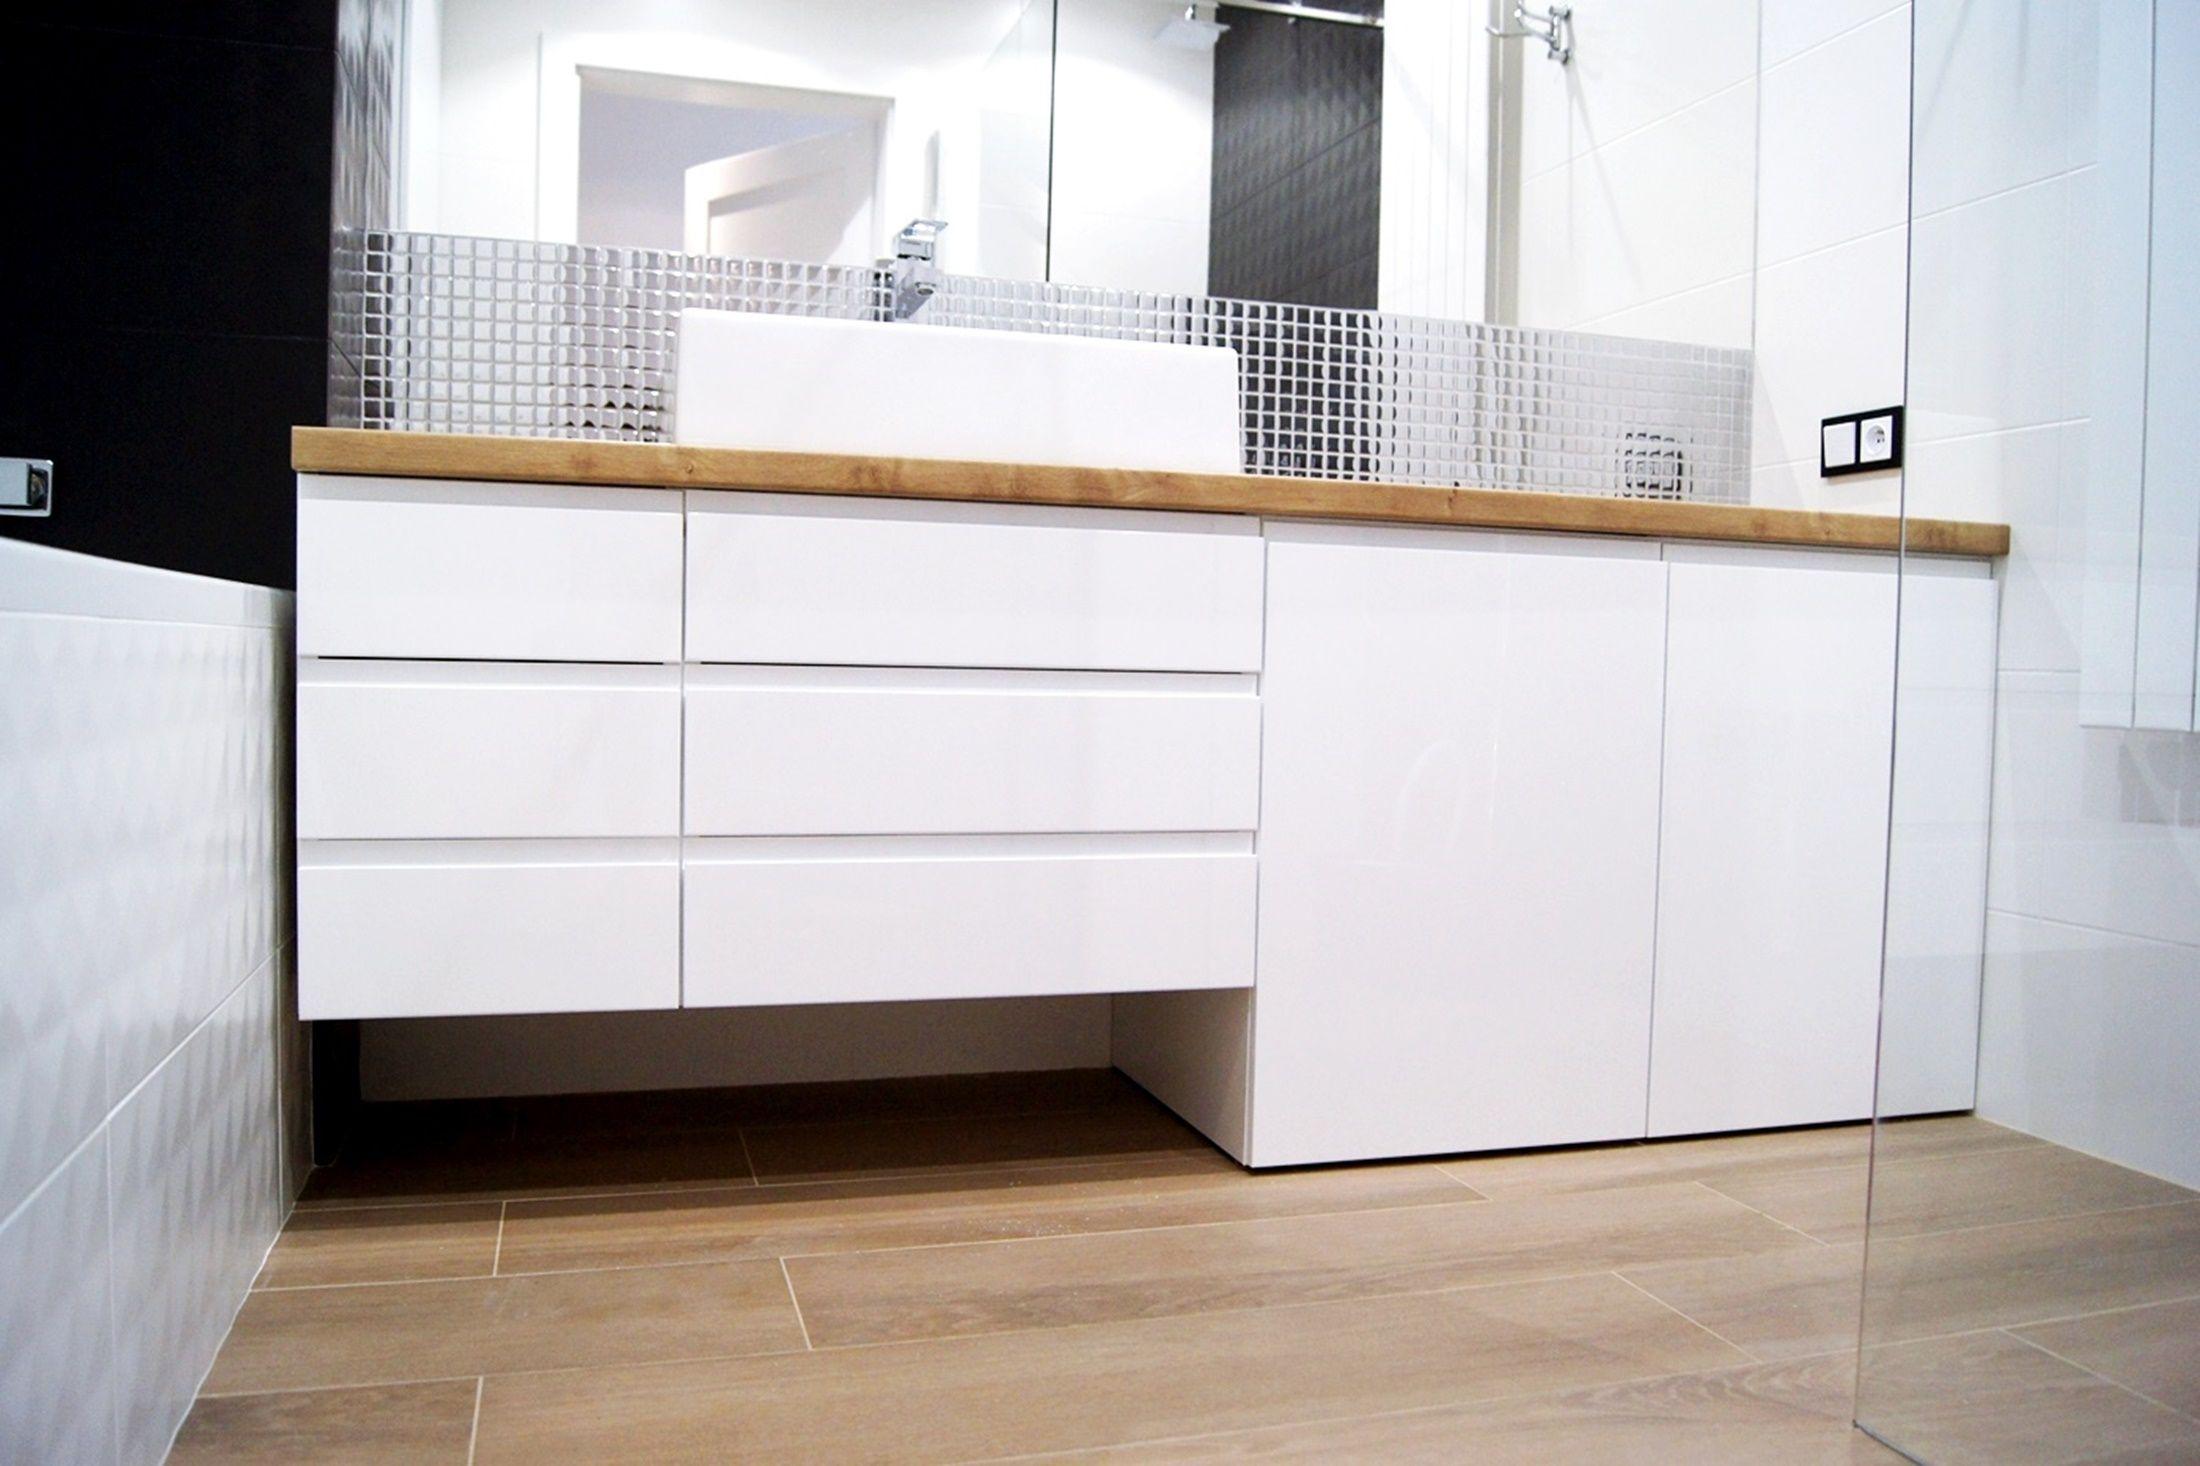 Meble Na Wymiar Katowice Myslowice Lazienka Biala White Lakier Uchwyty Frezowane Blat Drewnopodobny Wood D Home Decor Home Kitchen Cabinets